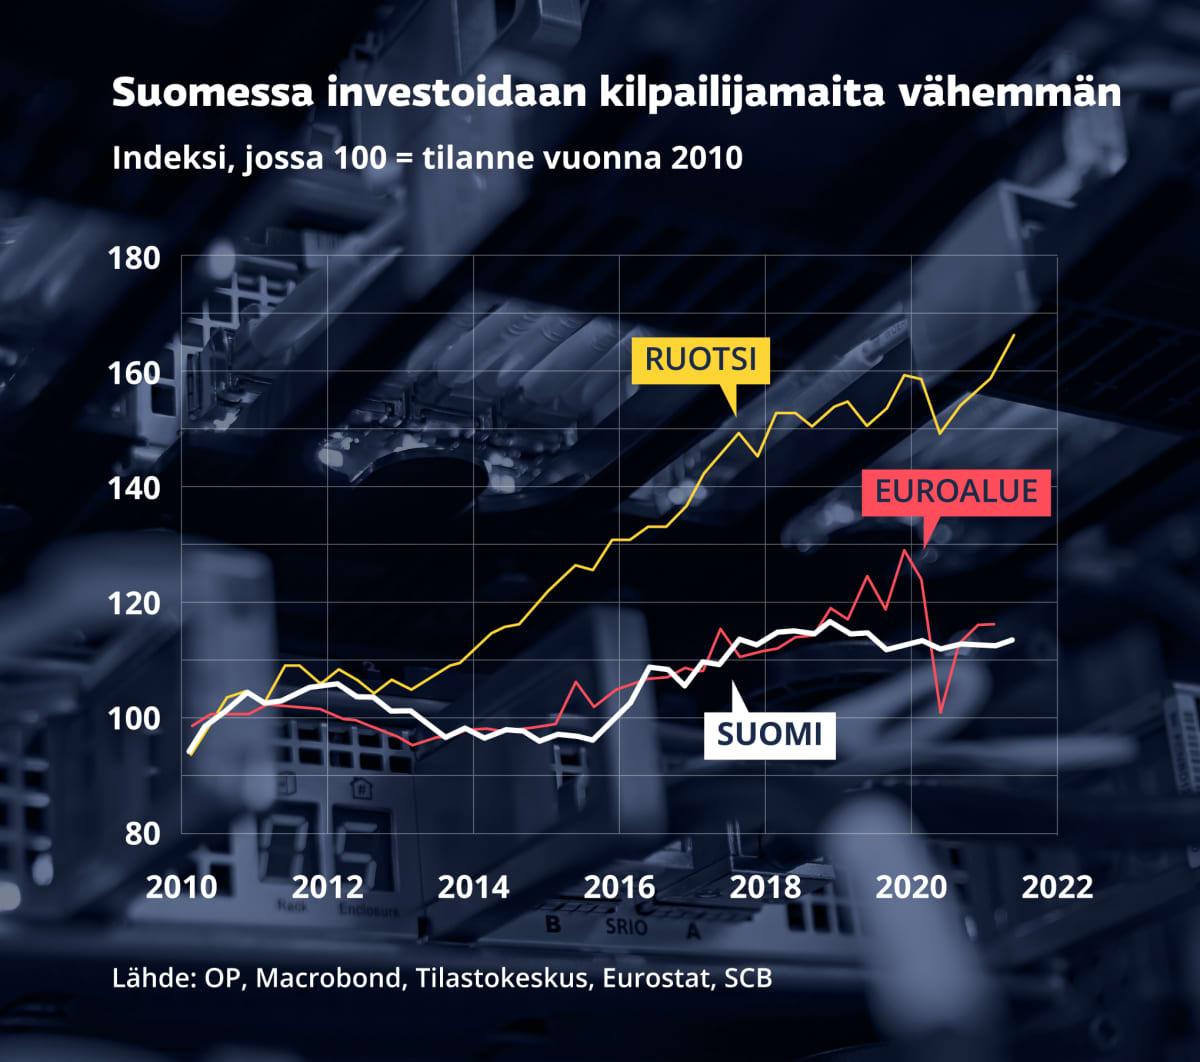 Grafiikka näyttää, kuinka Suomessa investoidaan kilpailijamaita vähemmän.